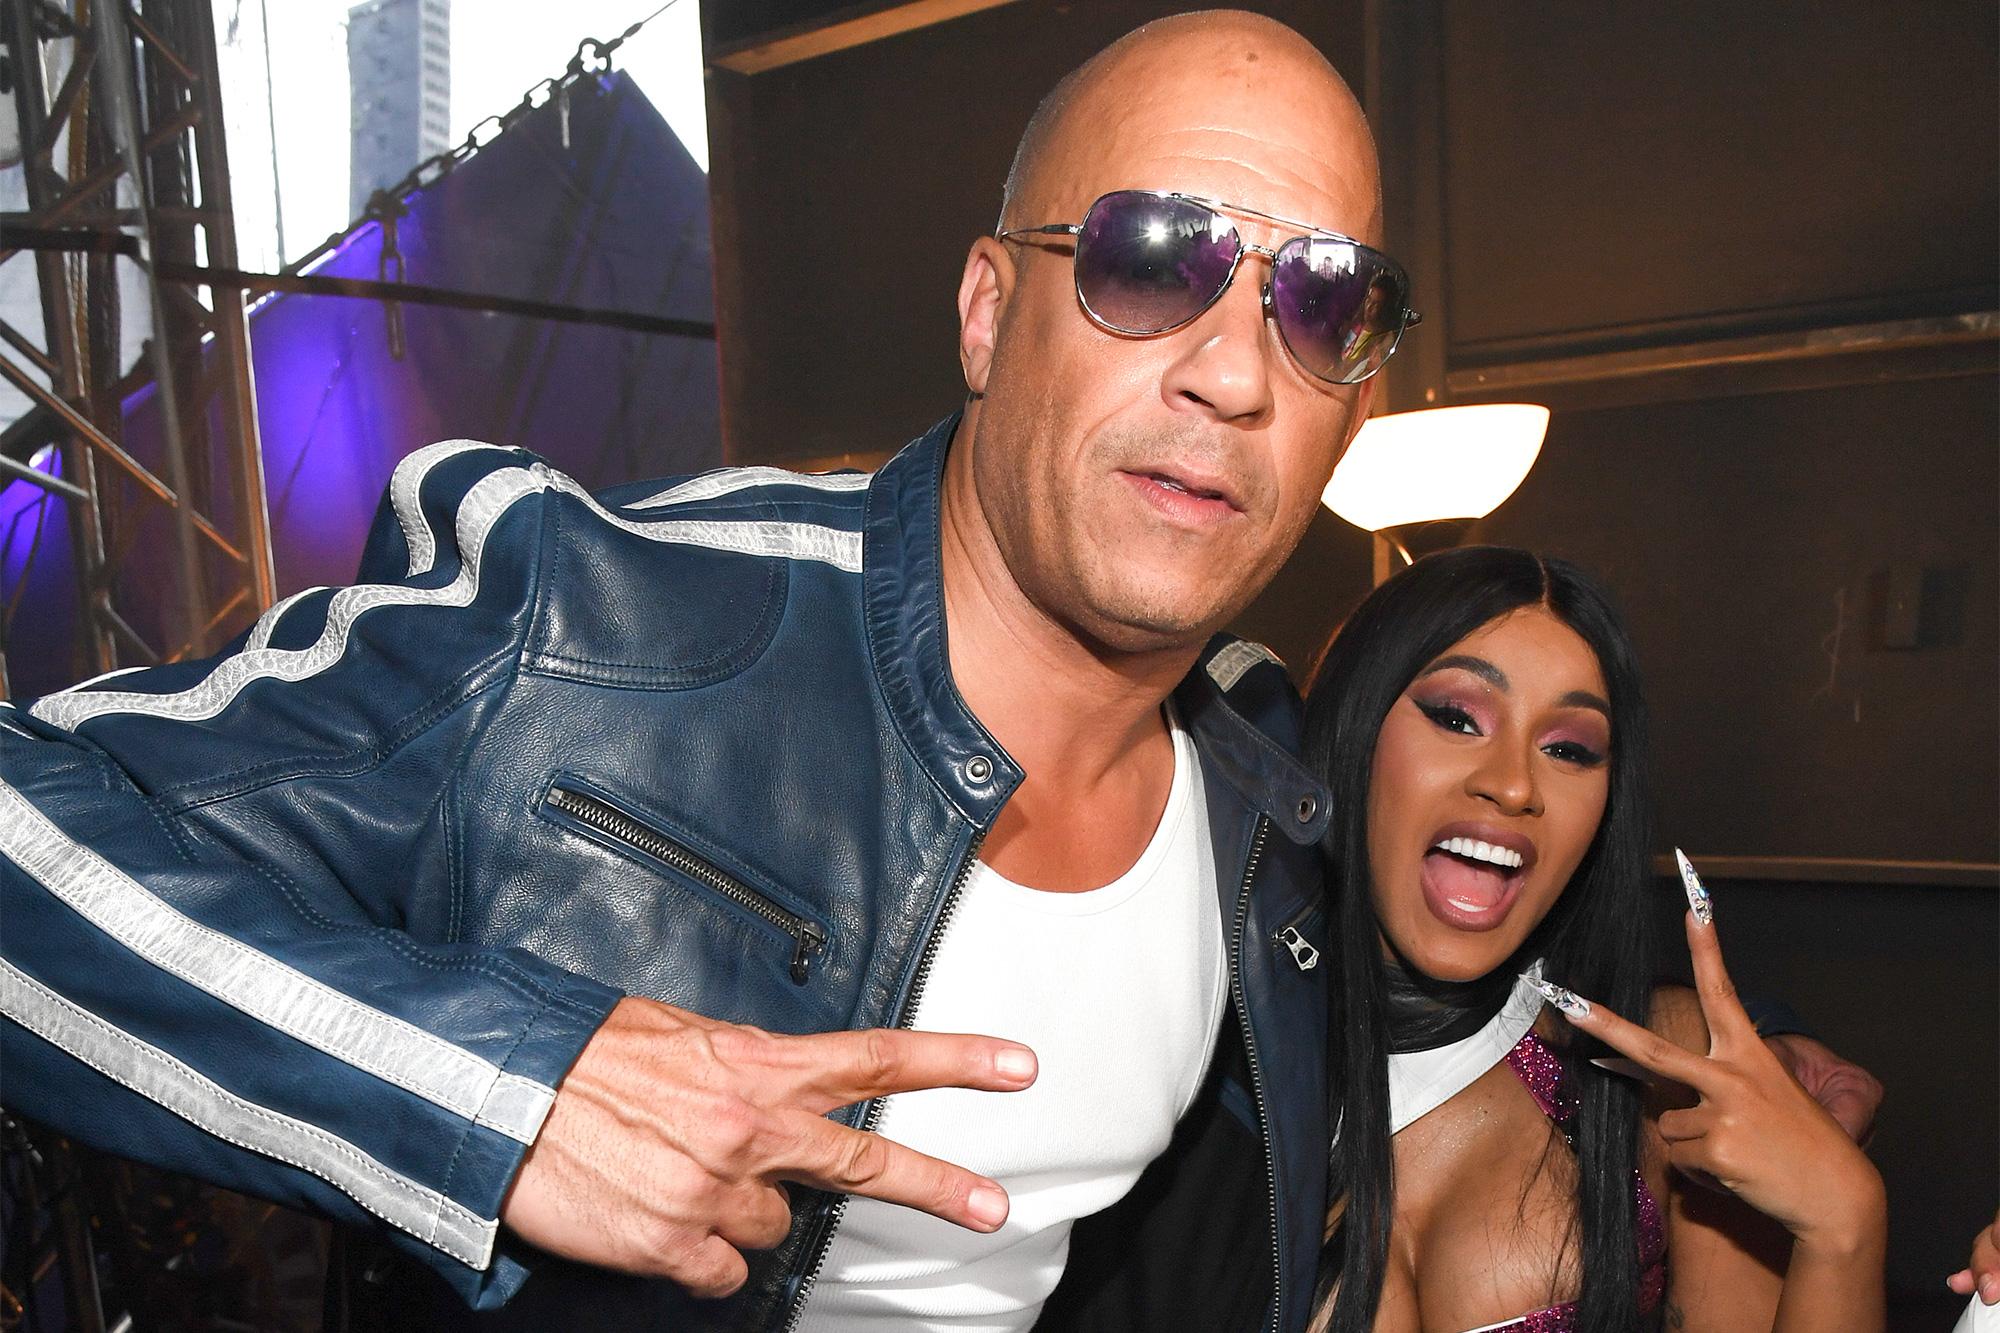 Vin Diesel and Cardi B